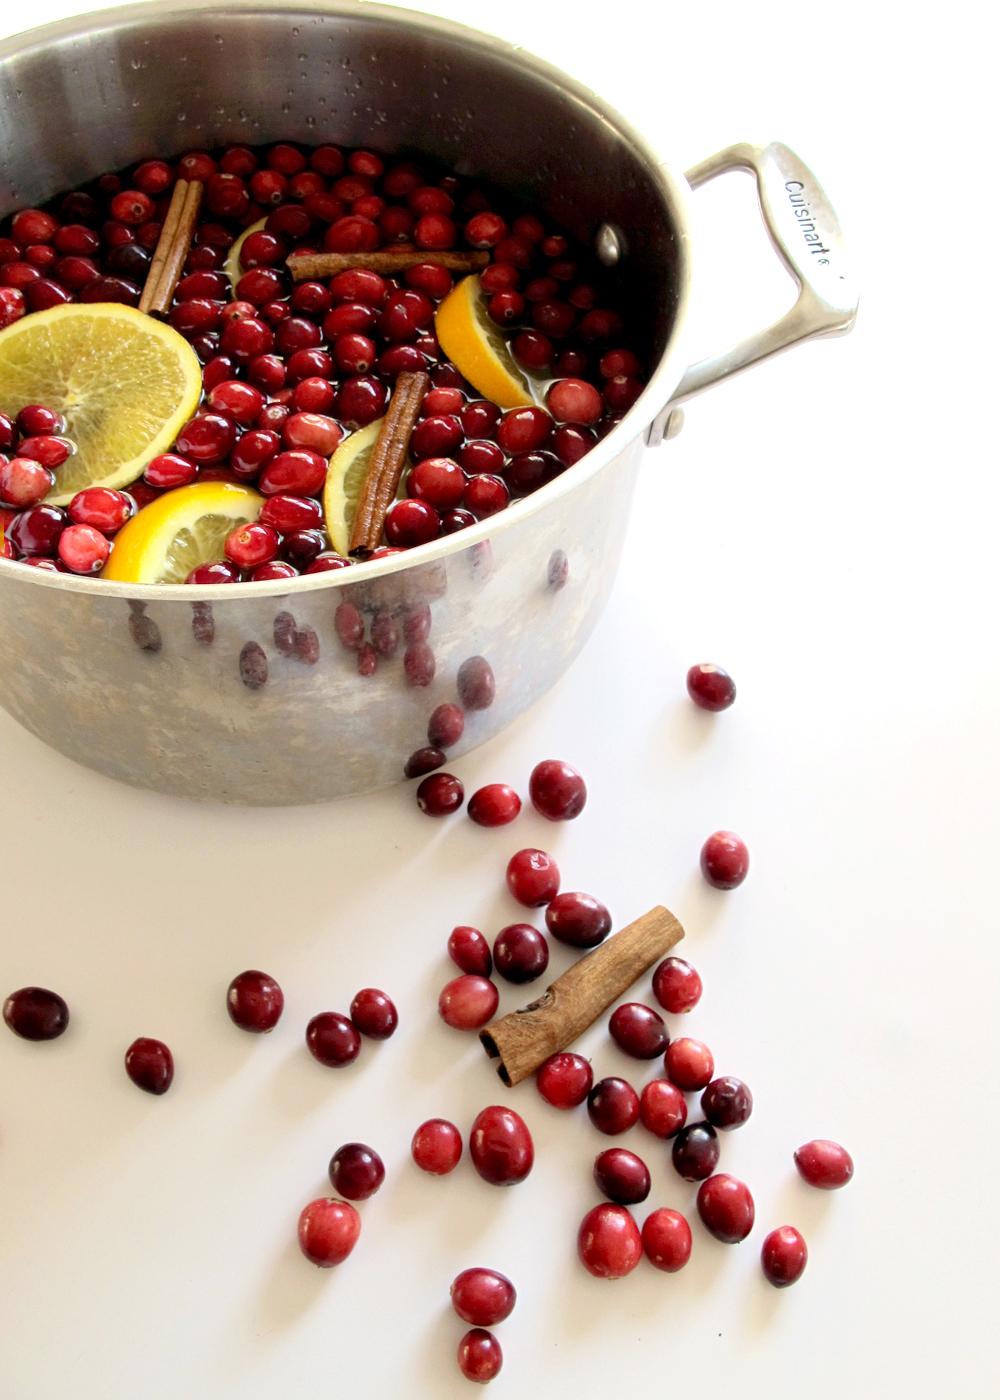 cranberry and citrus potpourri recipe